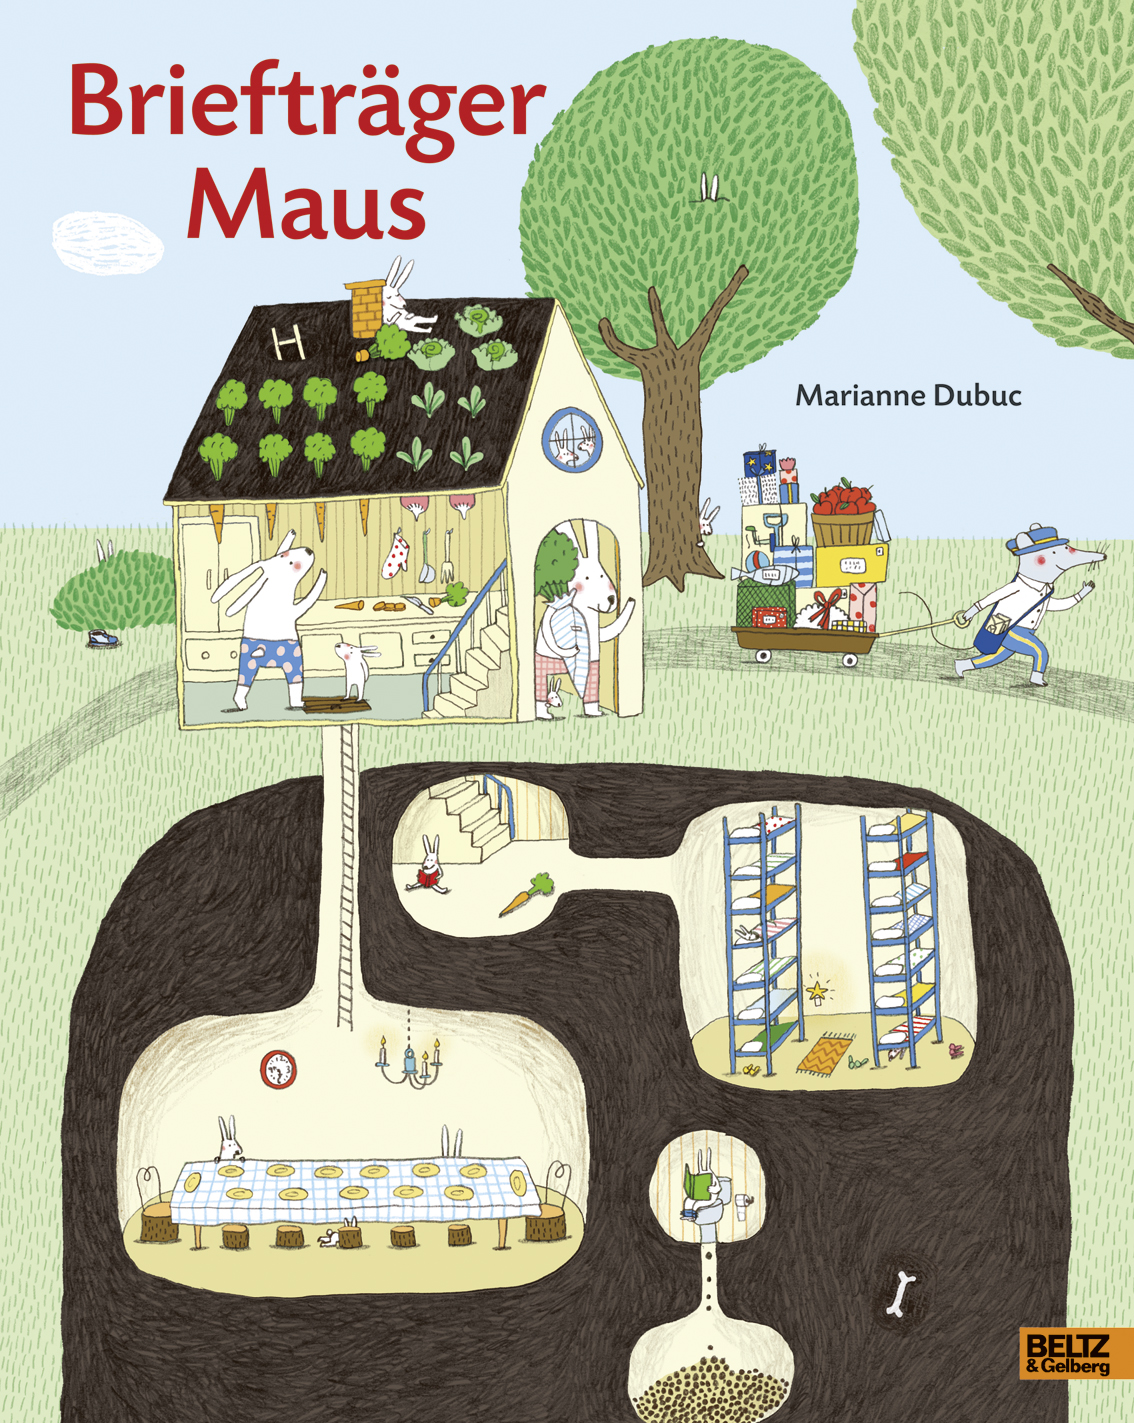 Briefträger Maus Book Cover